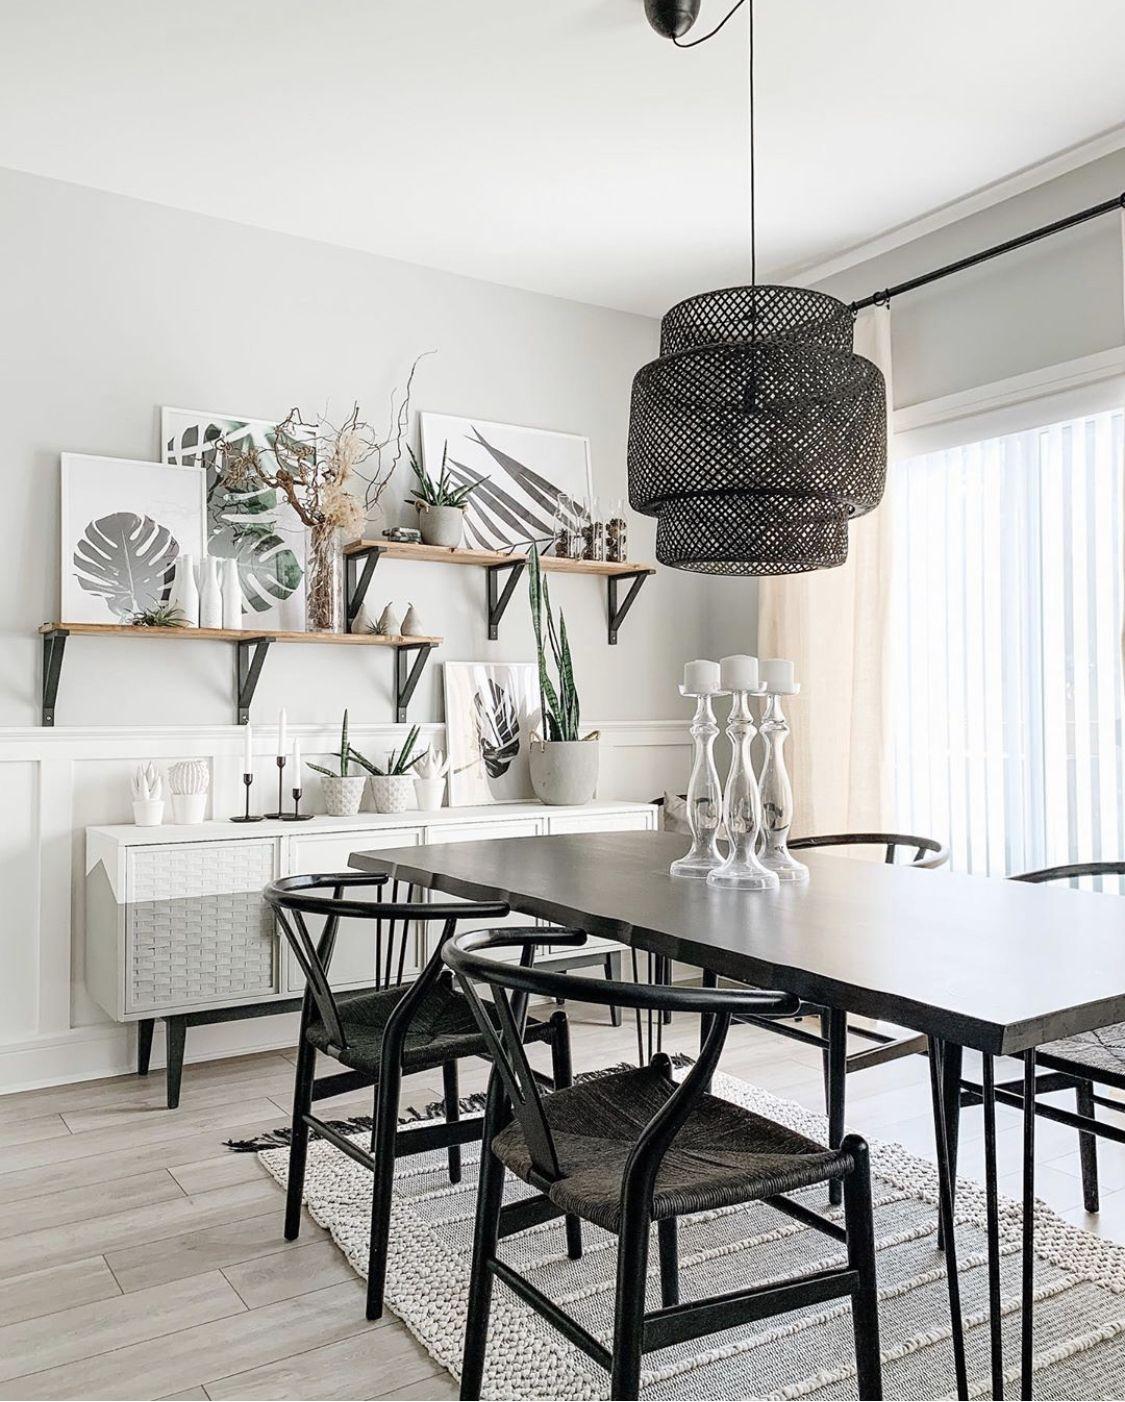 9 Basket Pendant Lights Under 150 Dining room lighting